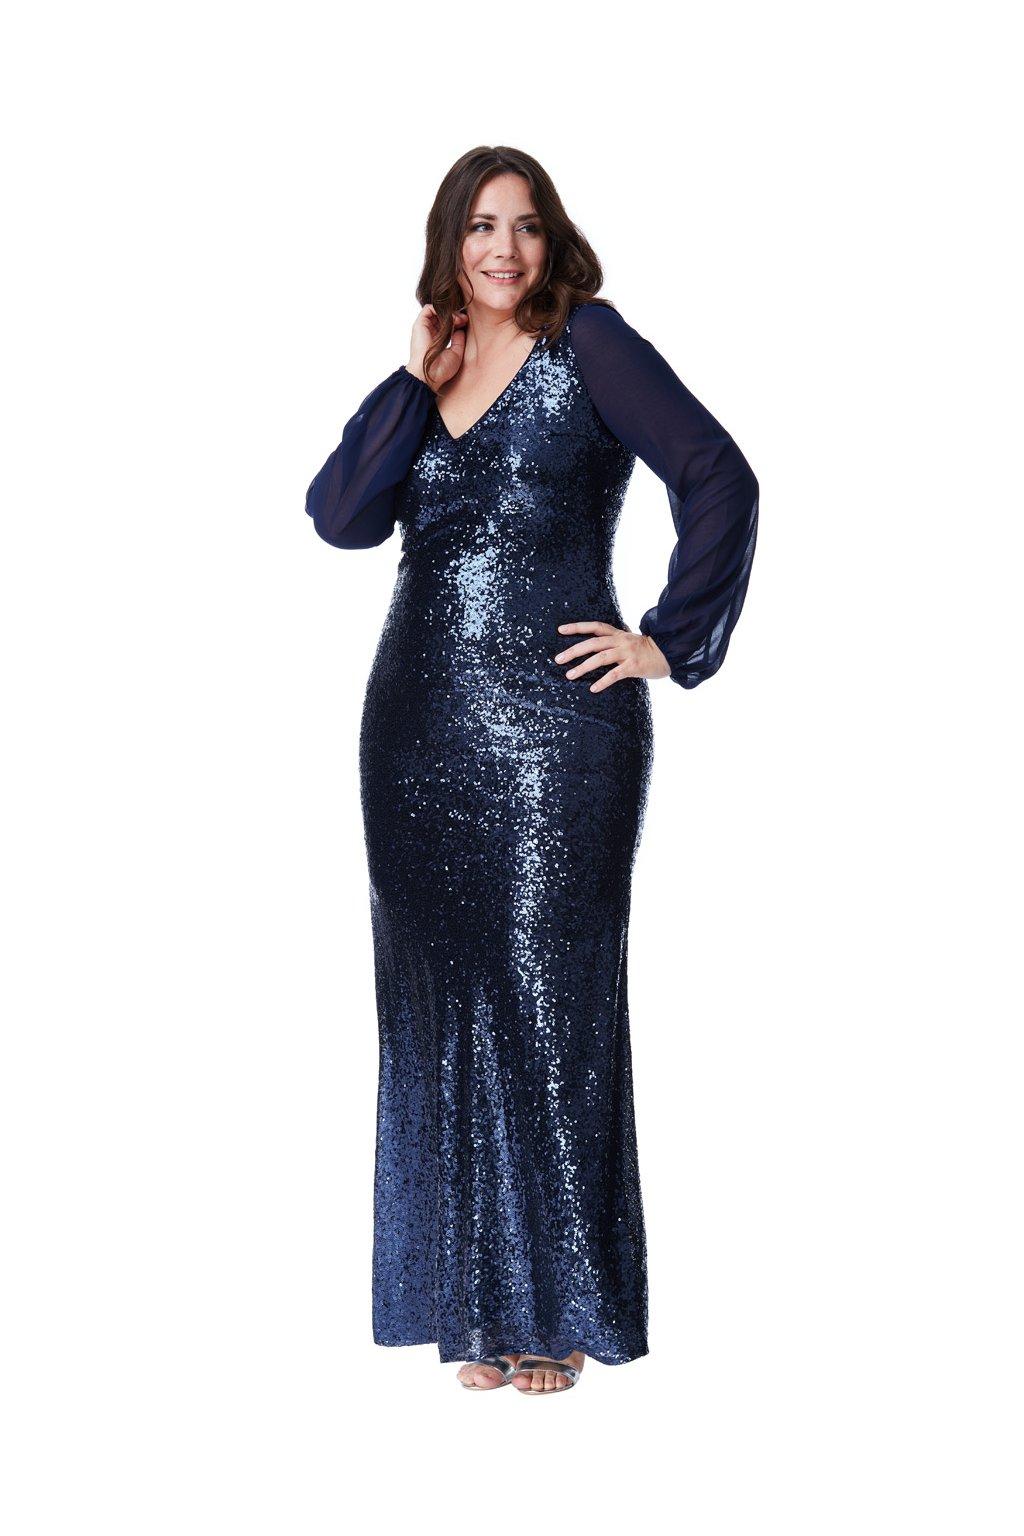 Dlouhé plesové šaty Sofi s flitry modré - Bellazu.cz 842203091d